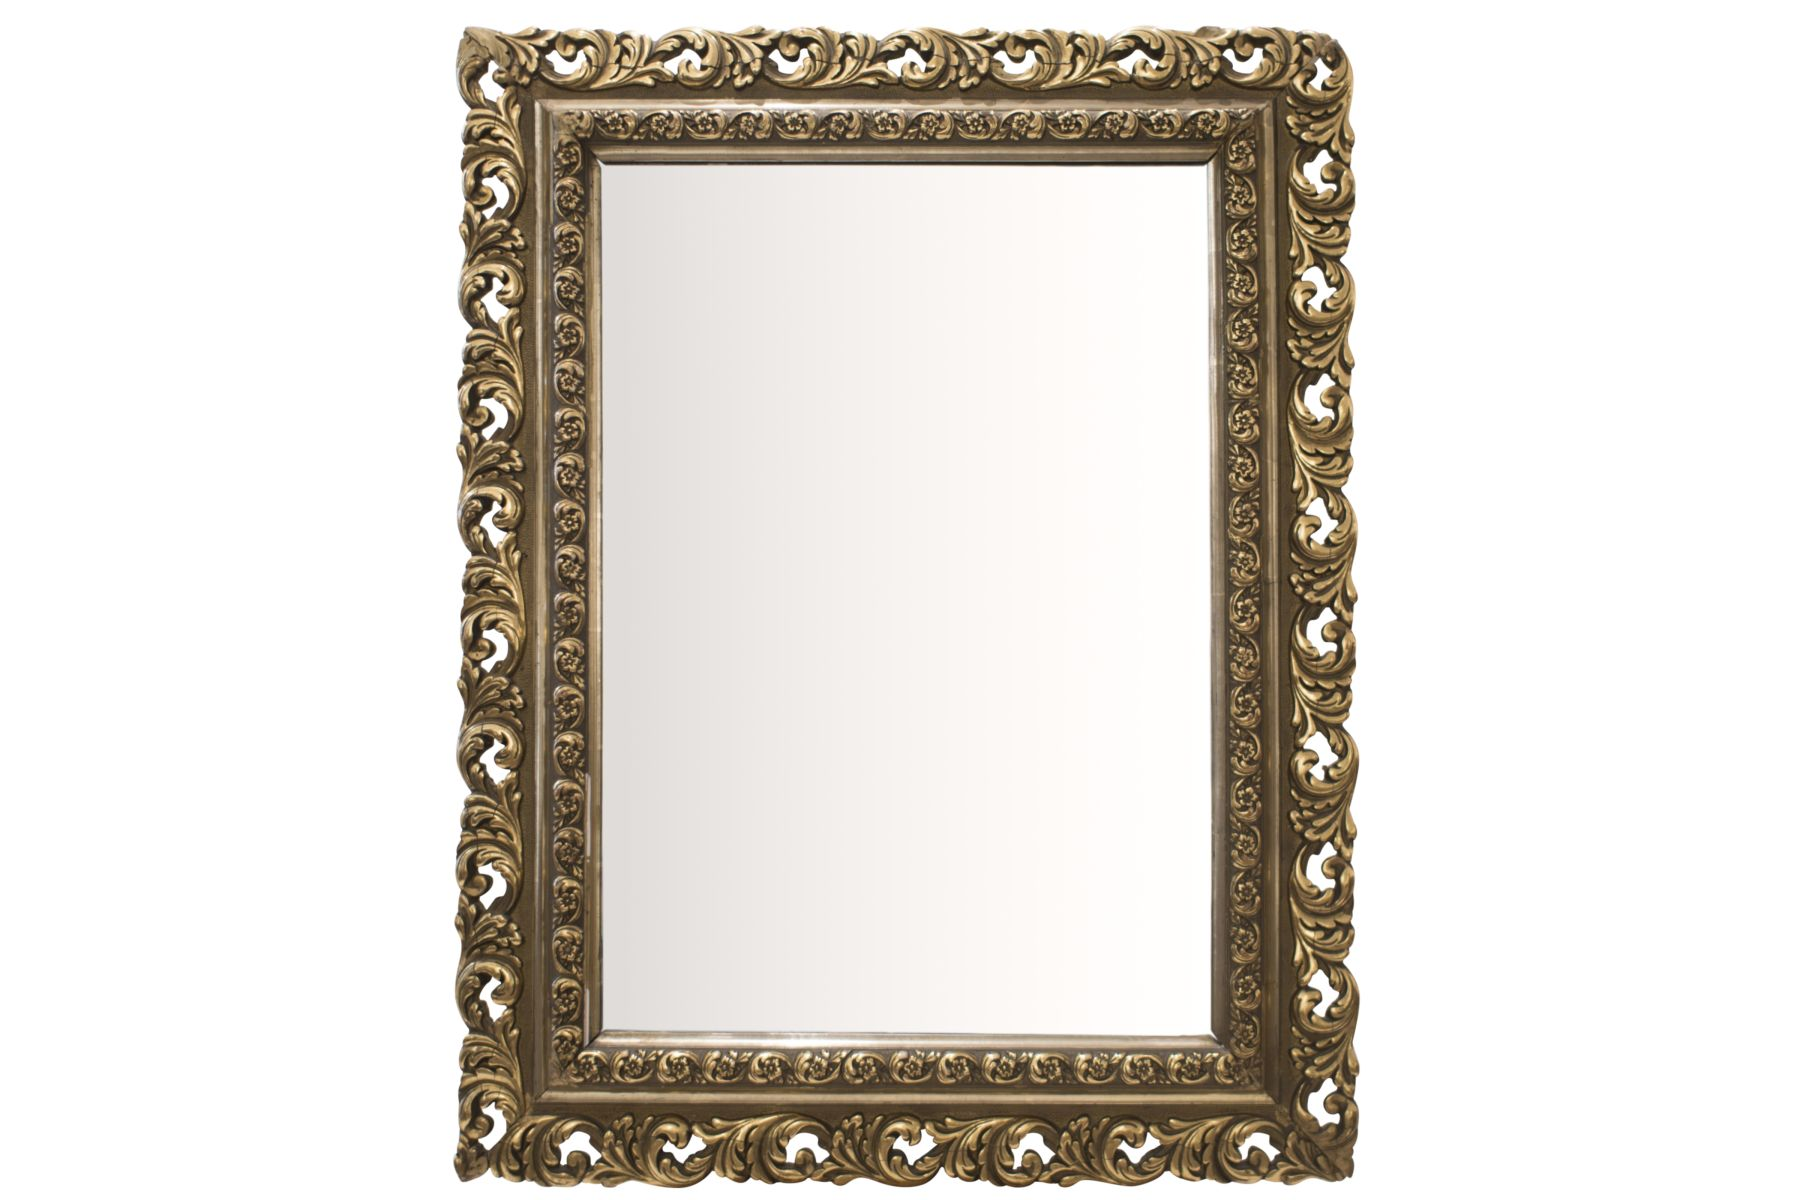 #32 Decorative Mirror | Dekorativer Spiegel Image